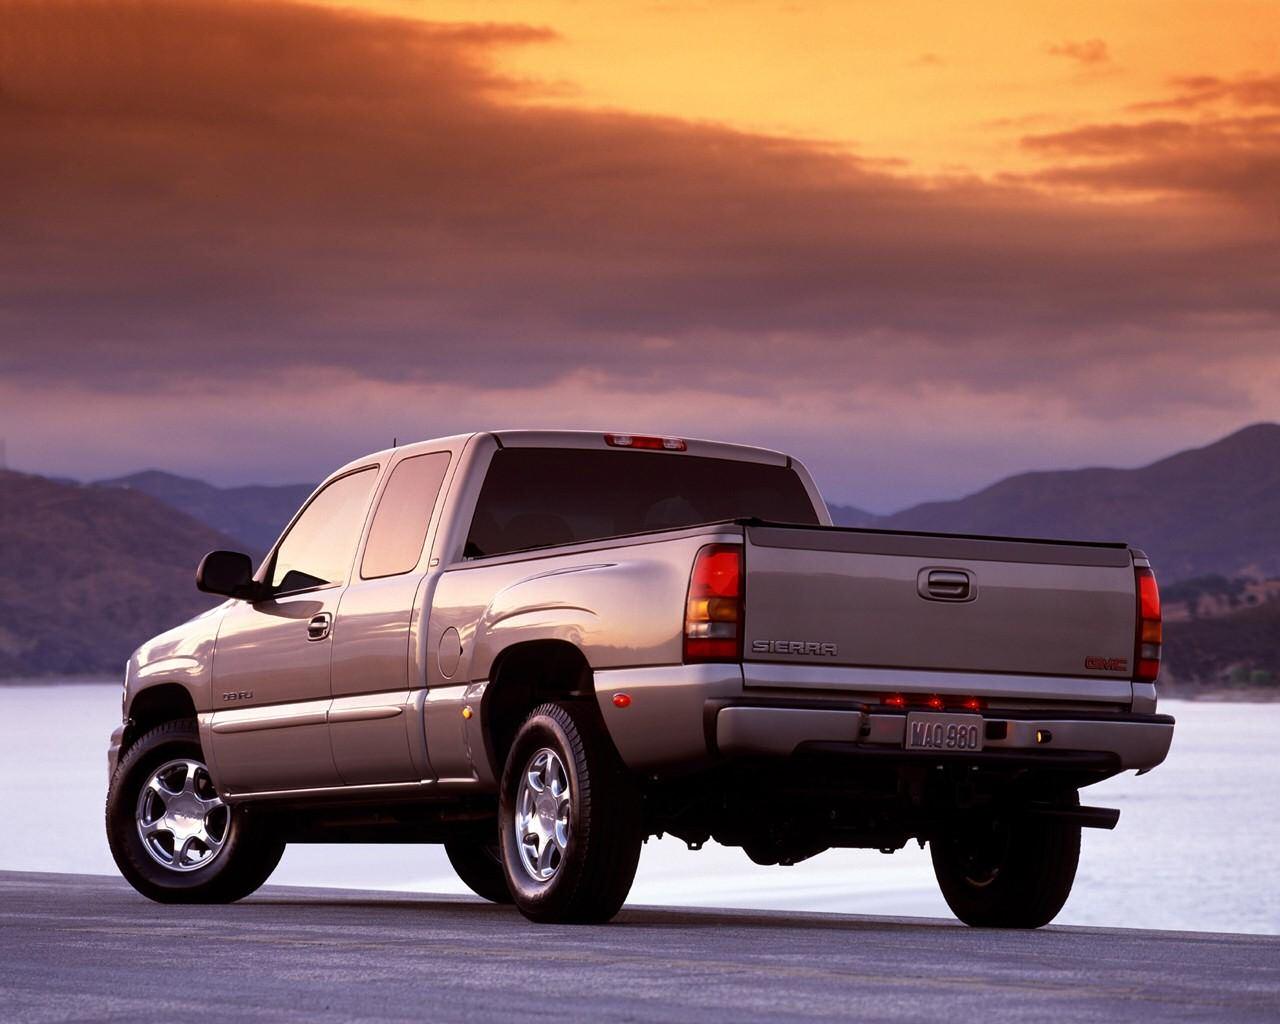 2004 GMC Sierra